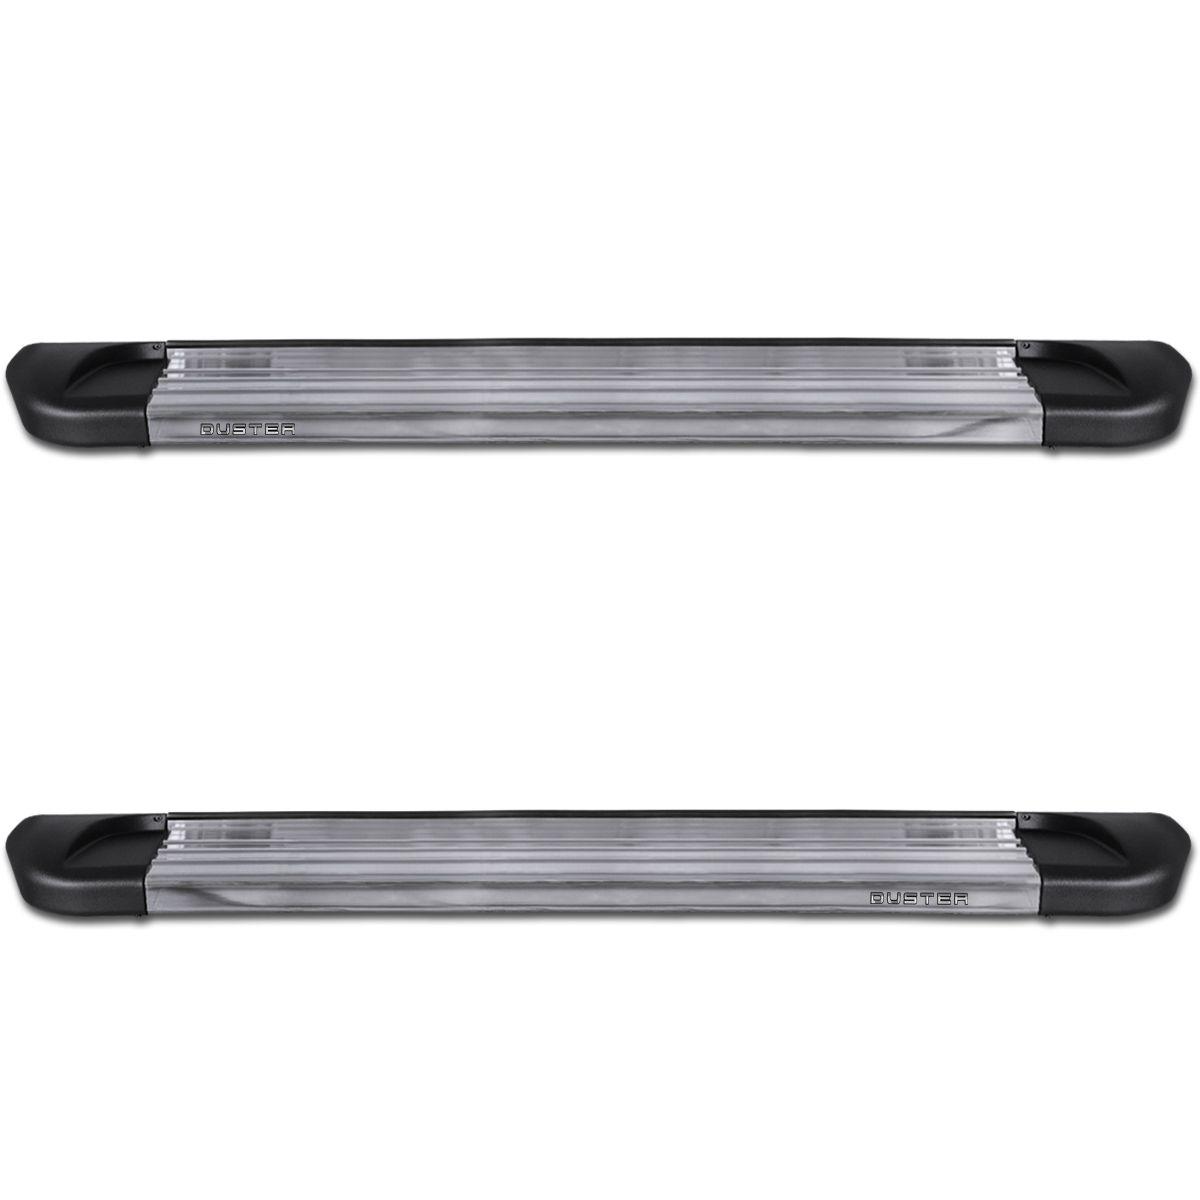 Estribo Lateral Duster 2012 a 2020 Aluminio Polido Track